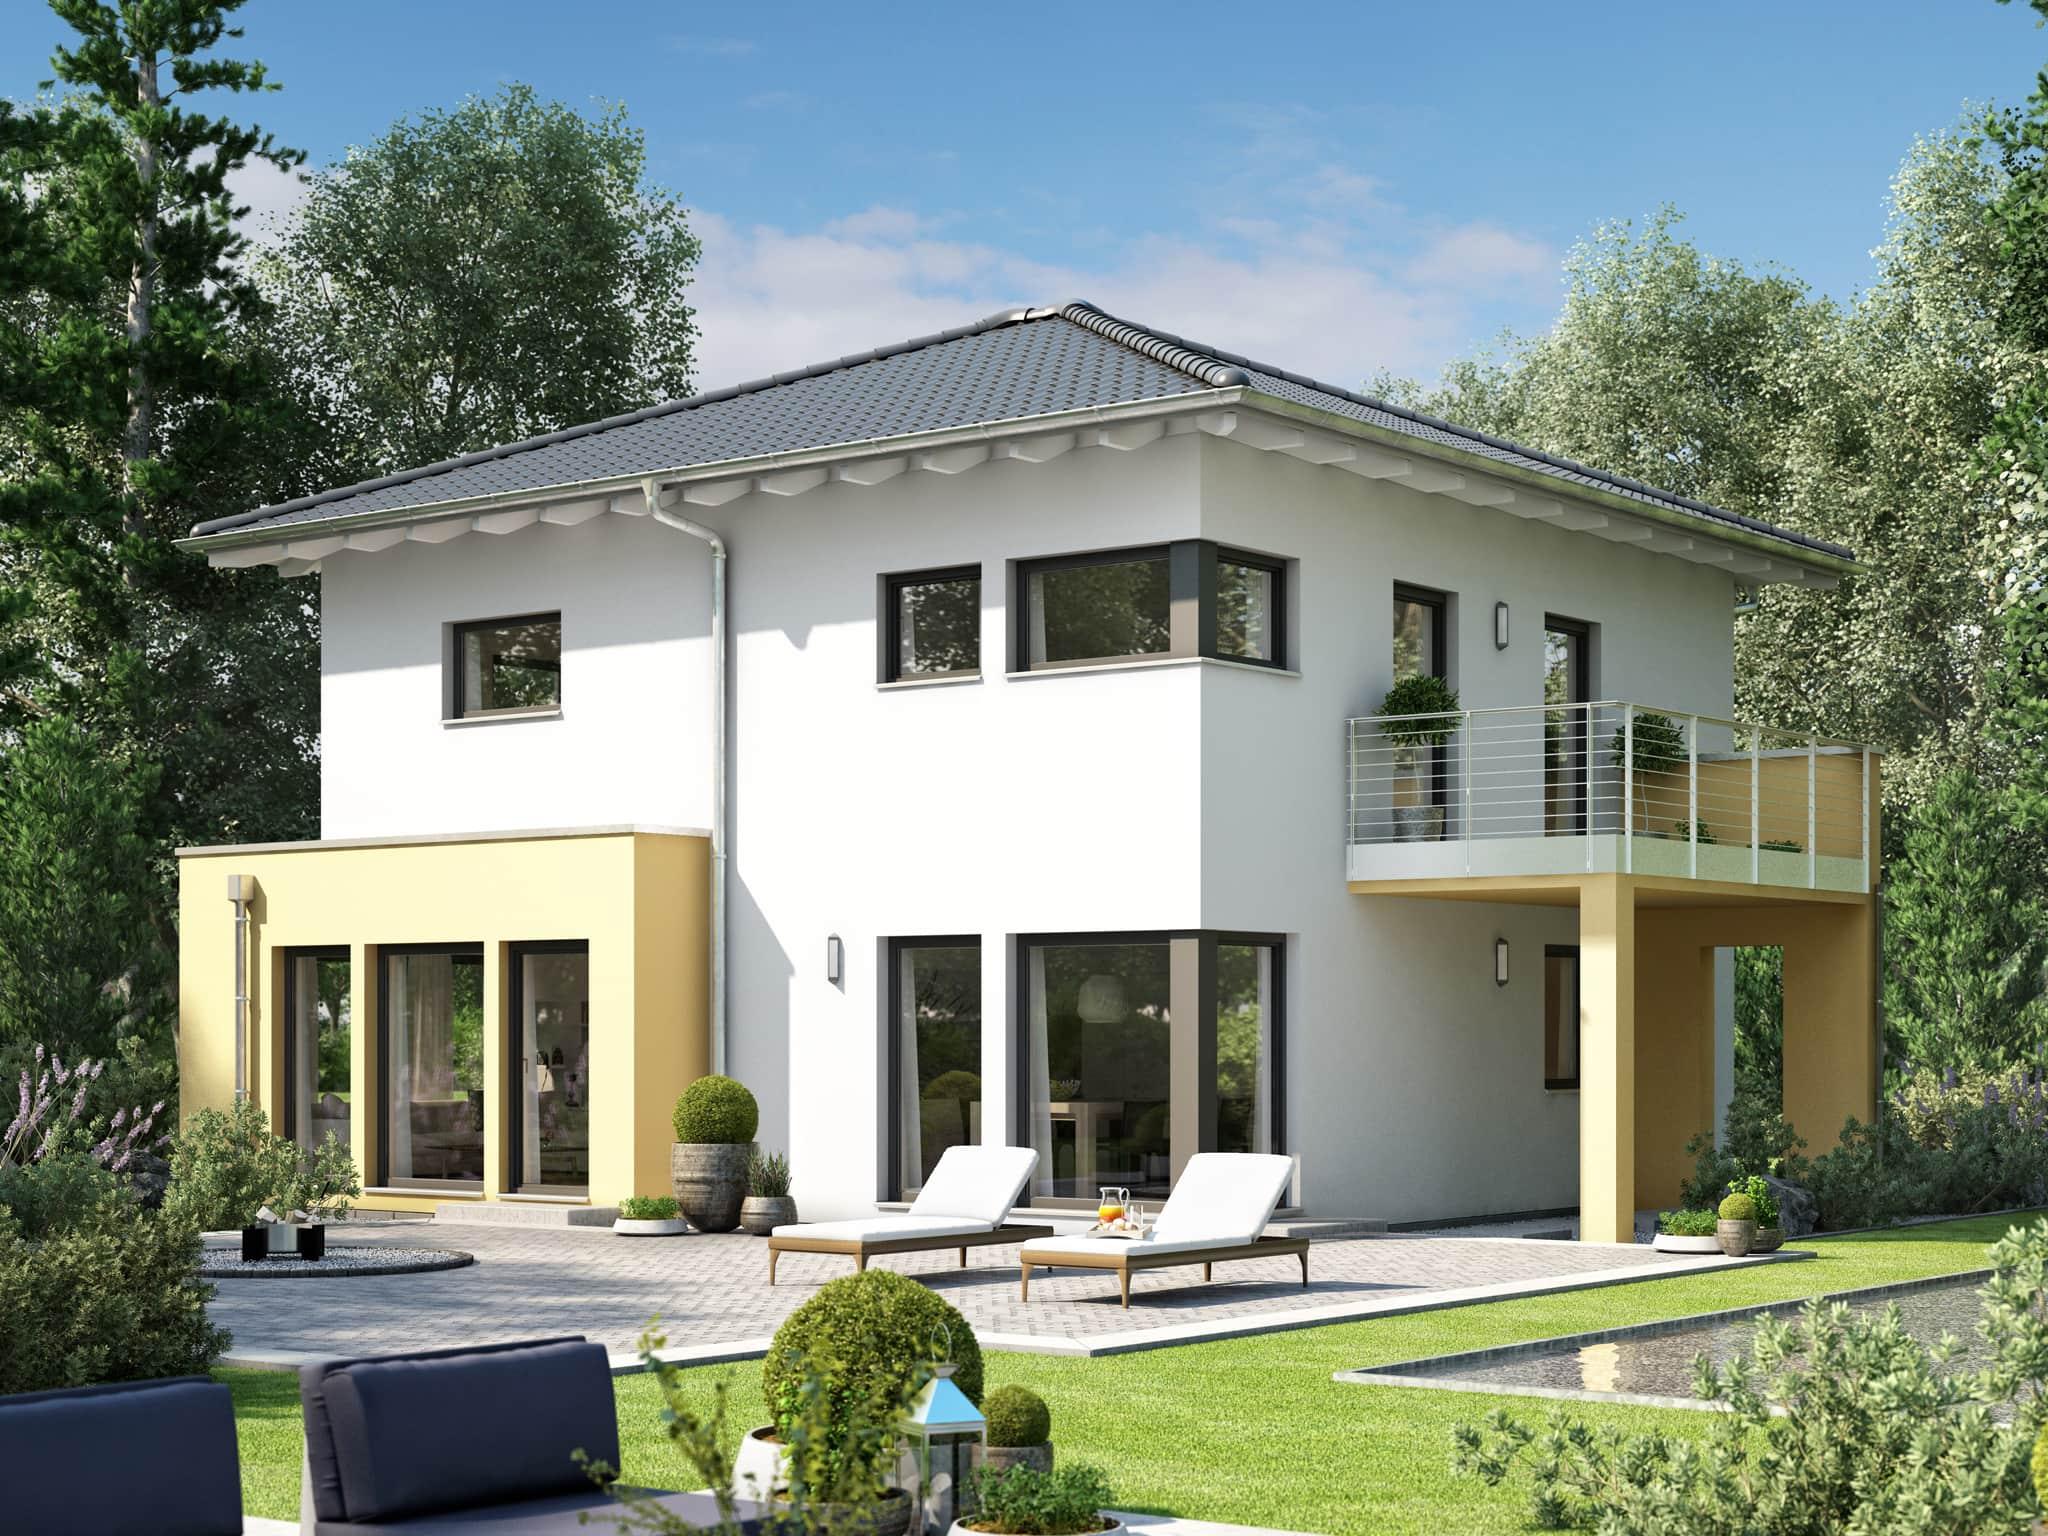 Fertighaus Stadtvilla mit Walmdach, Erker & Balkon, 5 Zimmer Grundriss, 150 qm - Living Haus SUNSHINE 151 V7 - HausbauDirekt.de